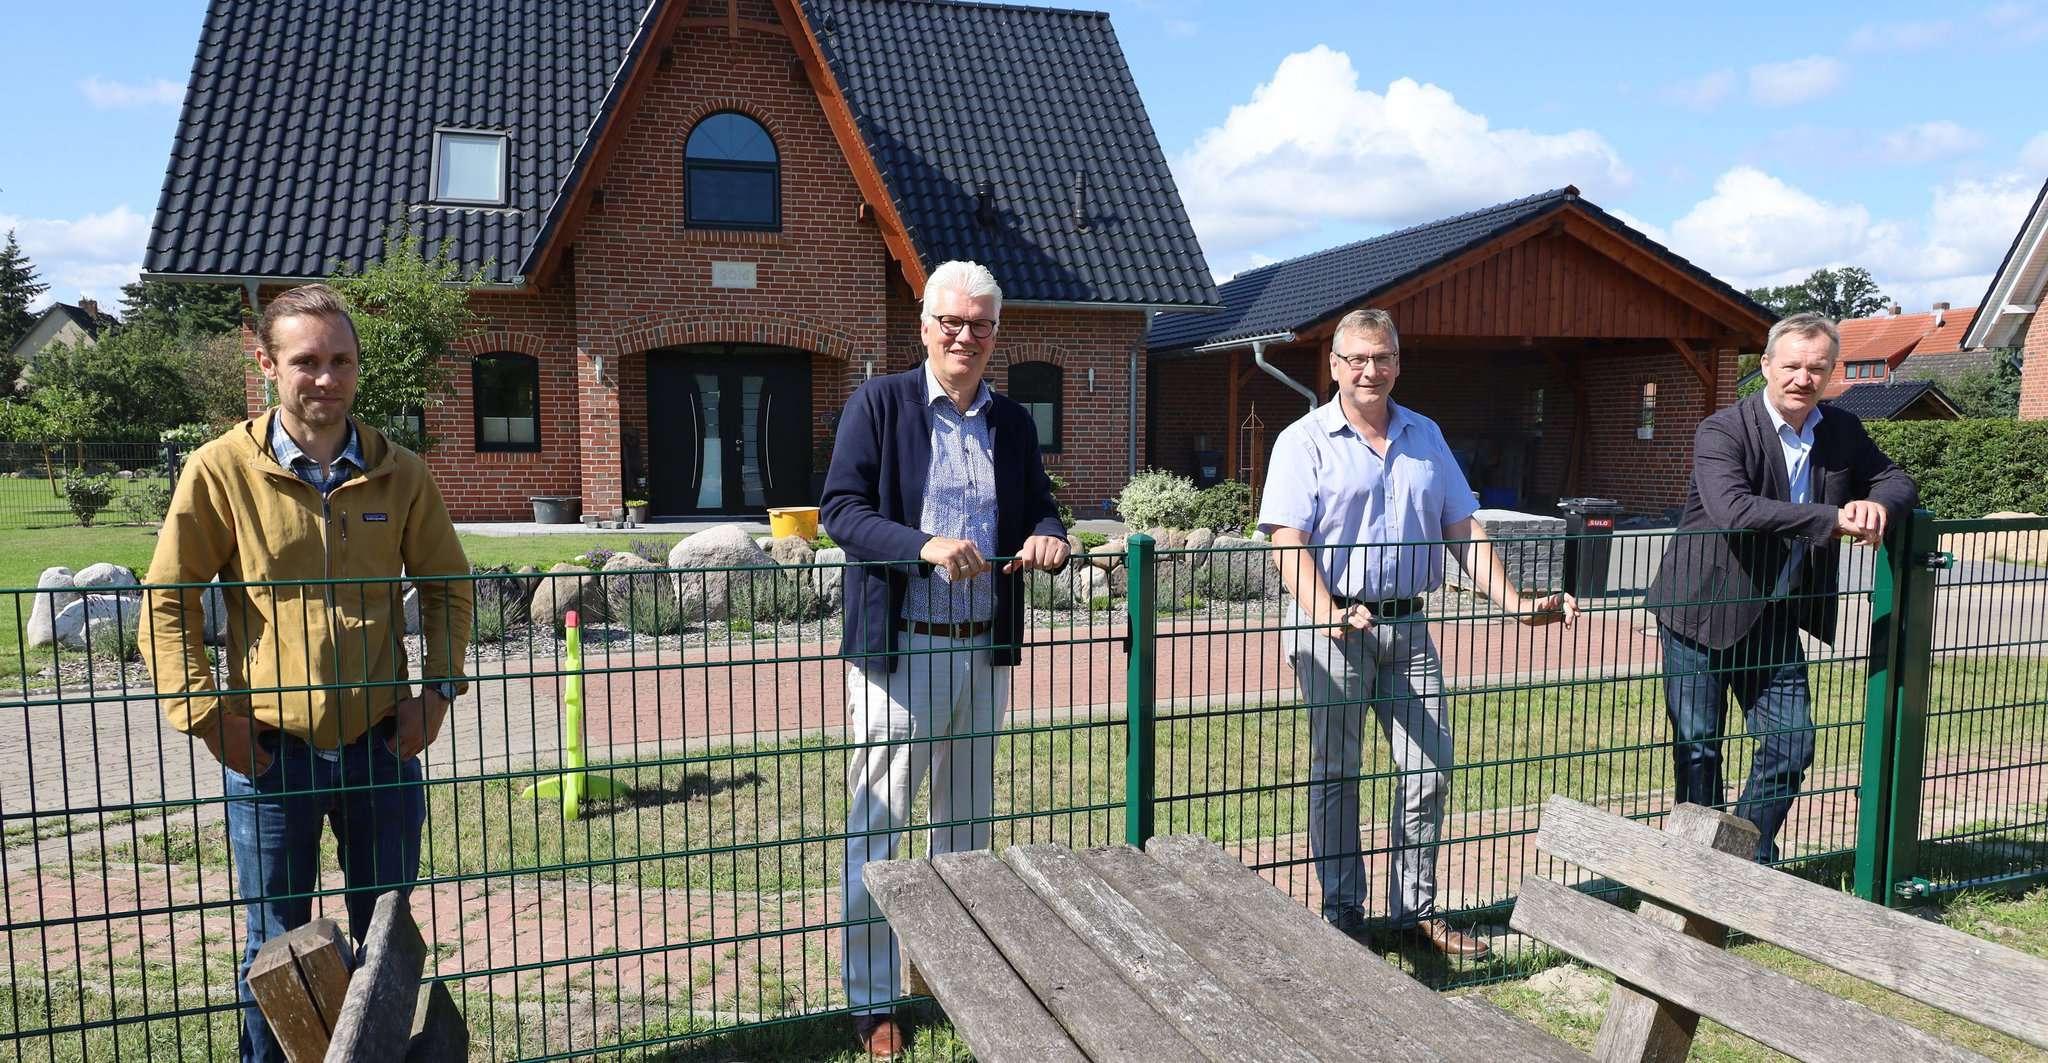 Daniel Böhmer (von links), Ralph Goebel, Henning Vollmer, und Christian Harrje begutachten den Zaun, der von den Einwohnern erbaut wurde. Foto: Henning Leeske